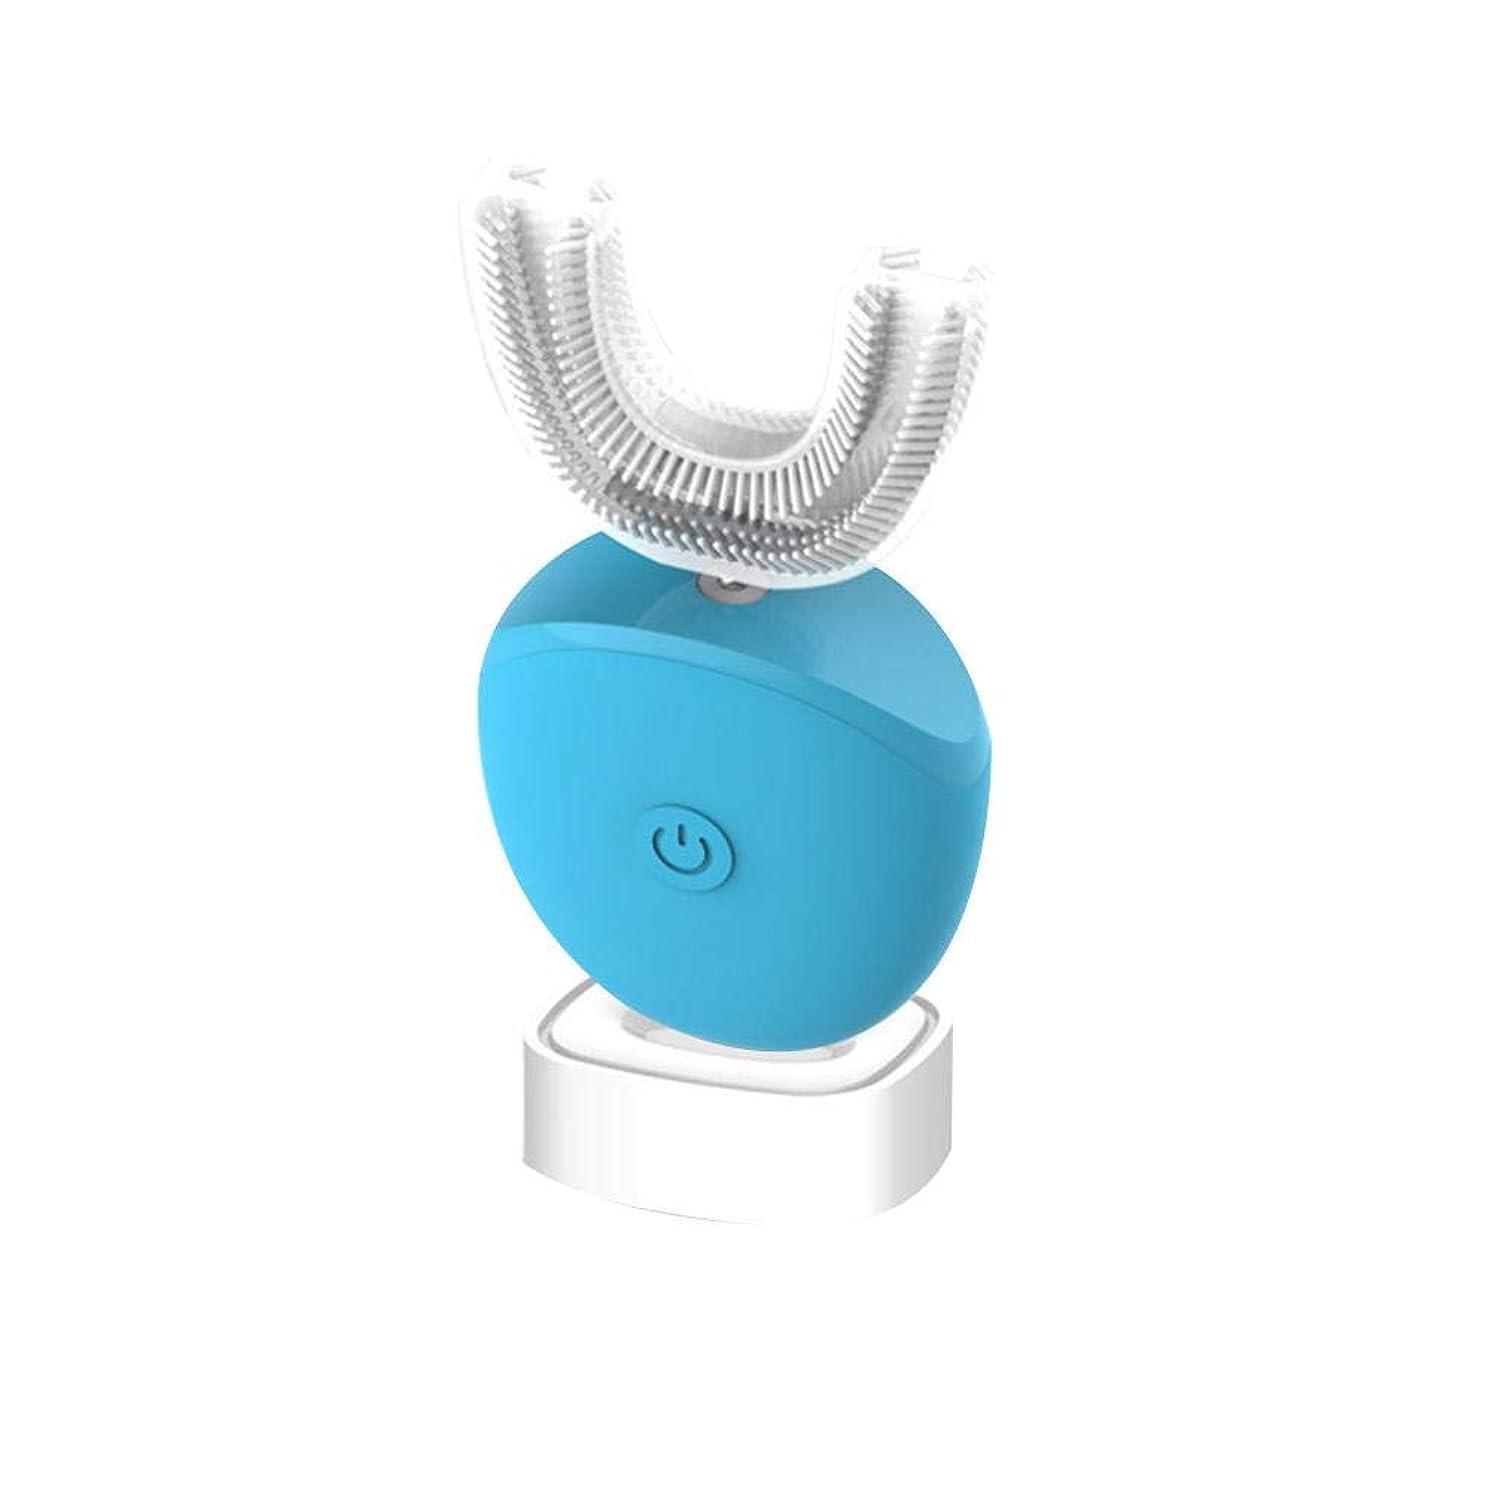 ウールシットコム有望フルオートマチック可変周波数電動歯ブラシ、自動360度U字型電動歯ブラシ、ワイヤレス充電IPX7防水自動歯ブラシ(大人用),Blue